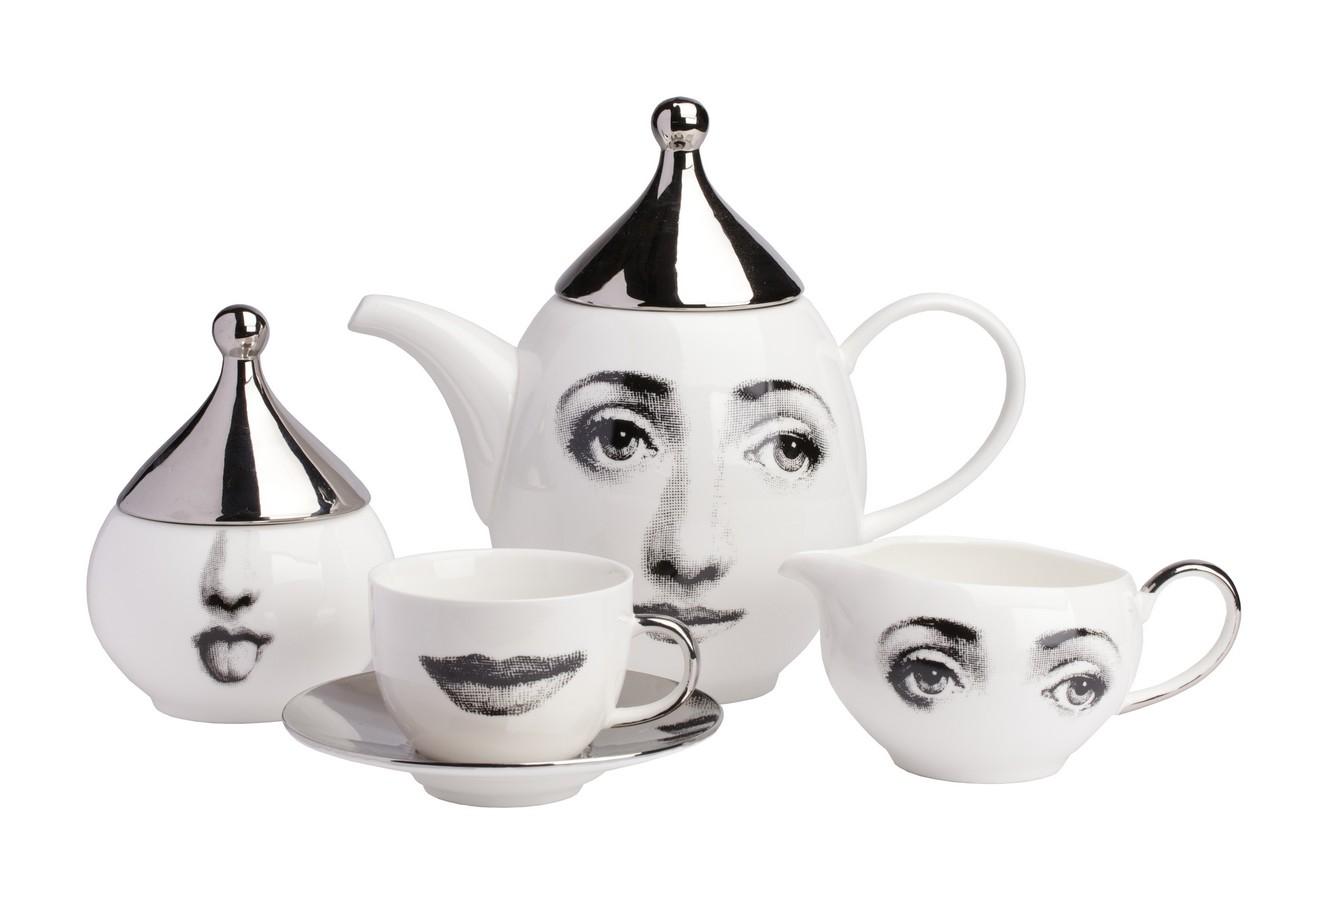 """Чайный сервиз """"Пьеро Форназетти Faces Silver"""""""